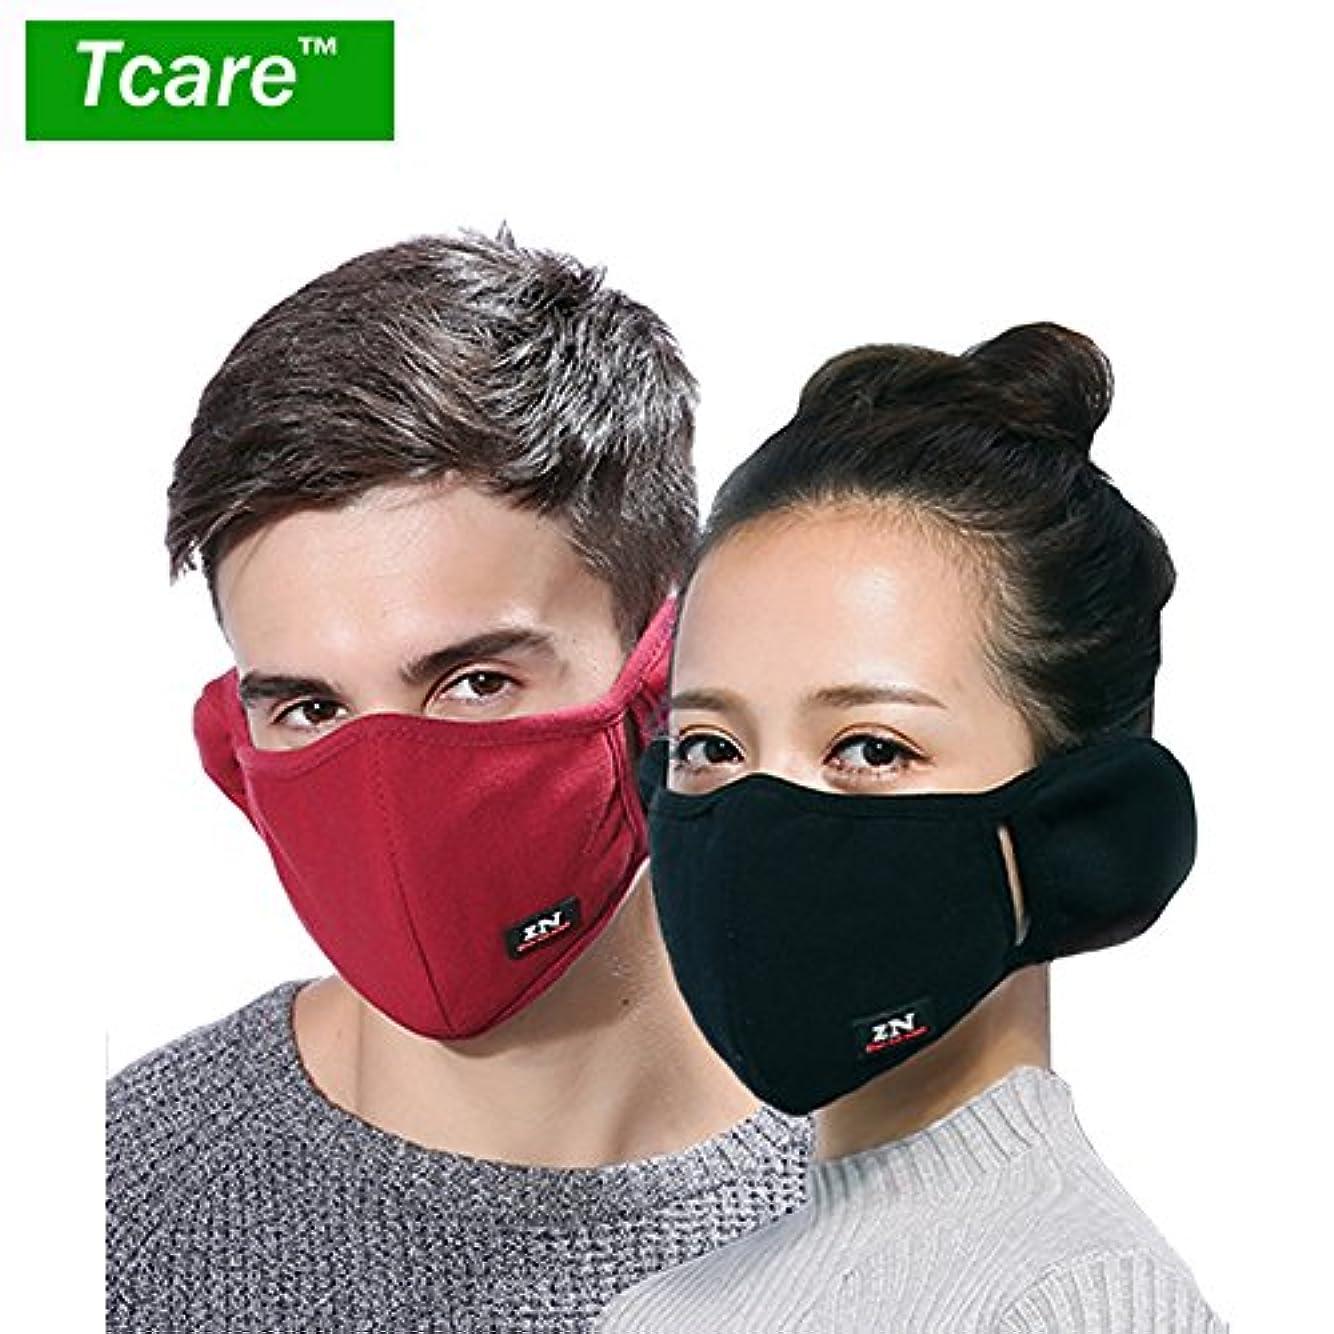 累計インカ帝国喜んで男性女性の少年少女のためのTcare呼吸器2レイヤピュアコットン保護フィルター挿入口:9グレー